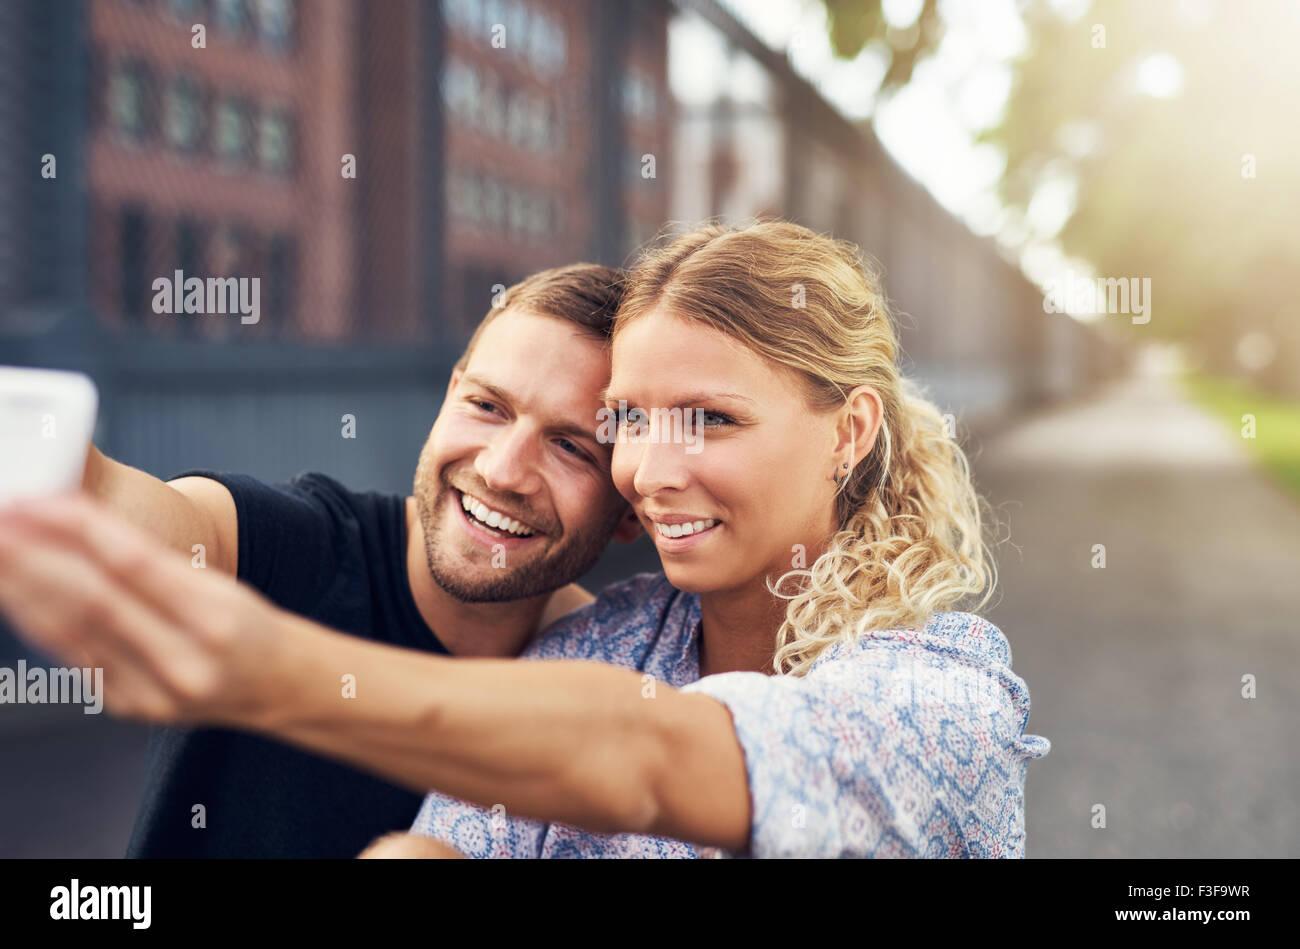 Bella giovane prendendo un Selfie mentre è seduto in un parco Immagini Stock